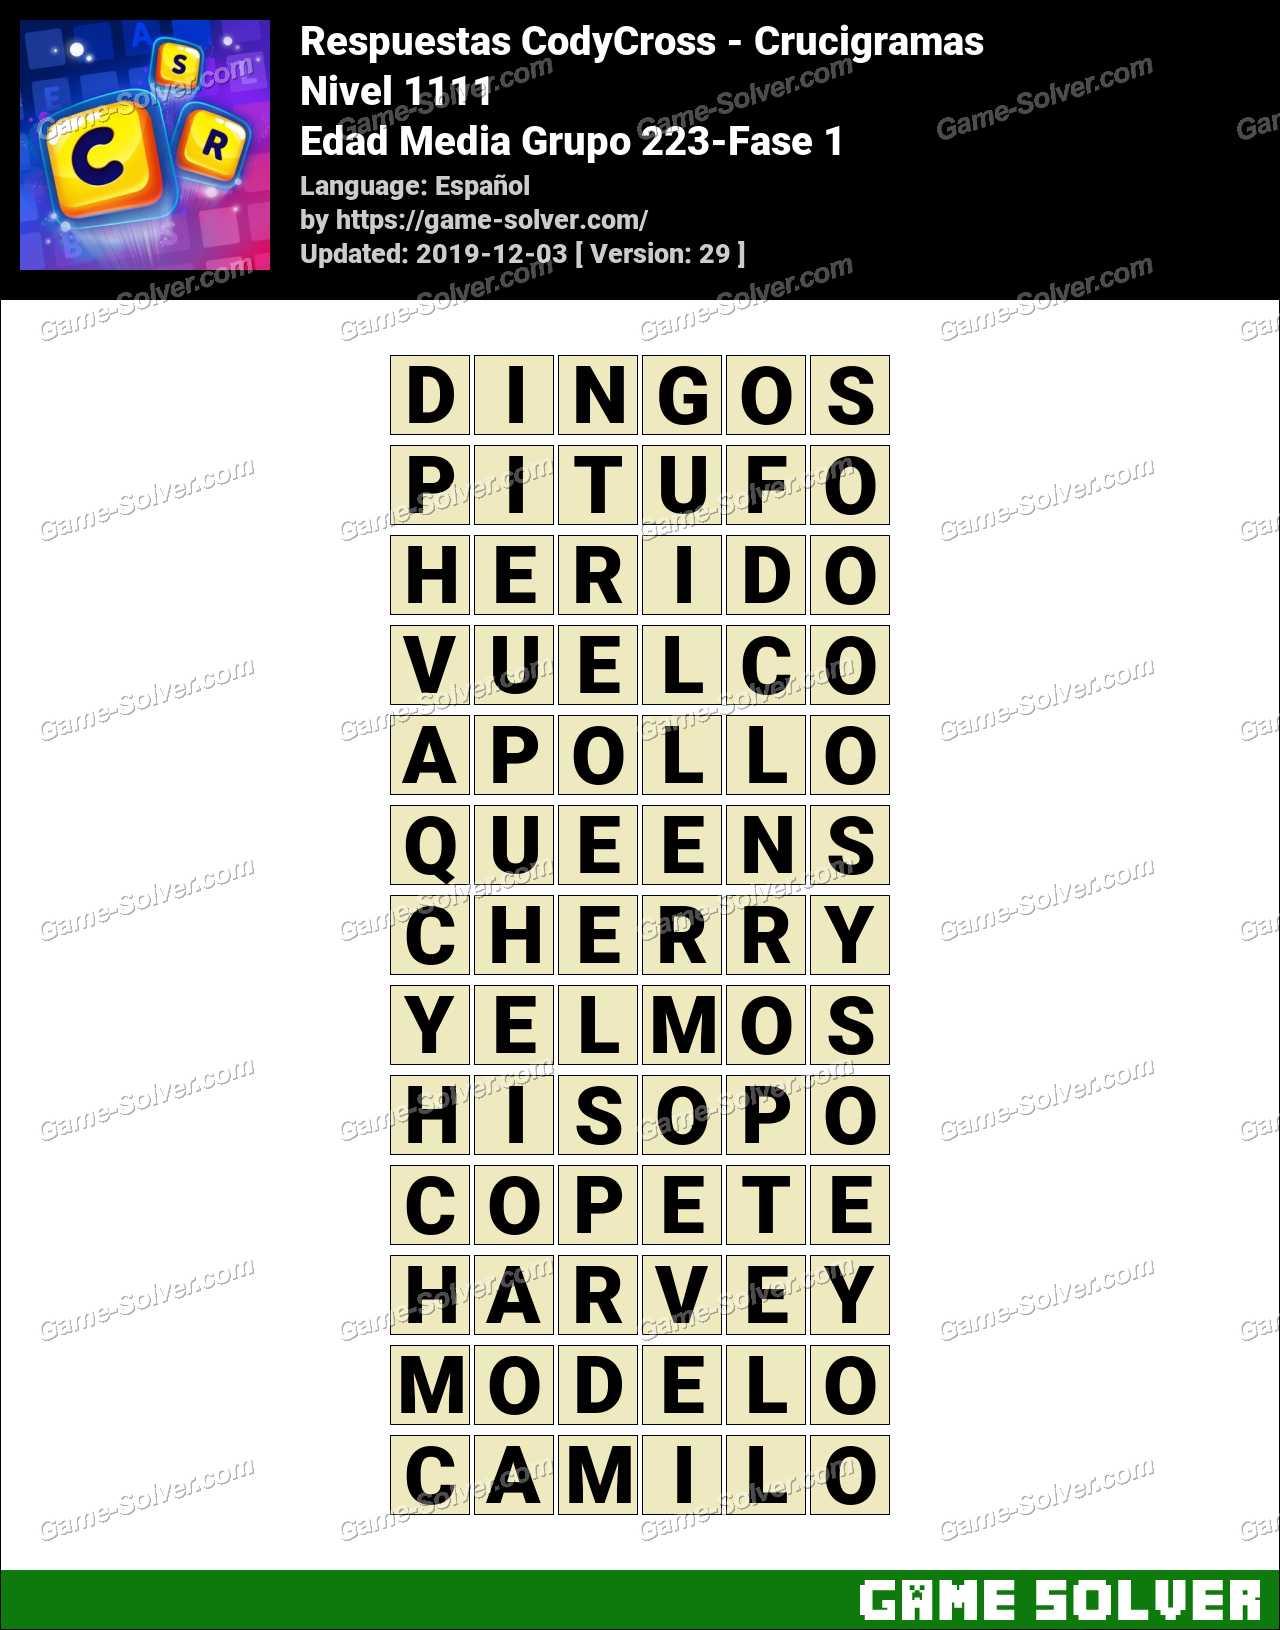 Respuestas CodyCross Edad Media Grupo 223-Fase 1